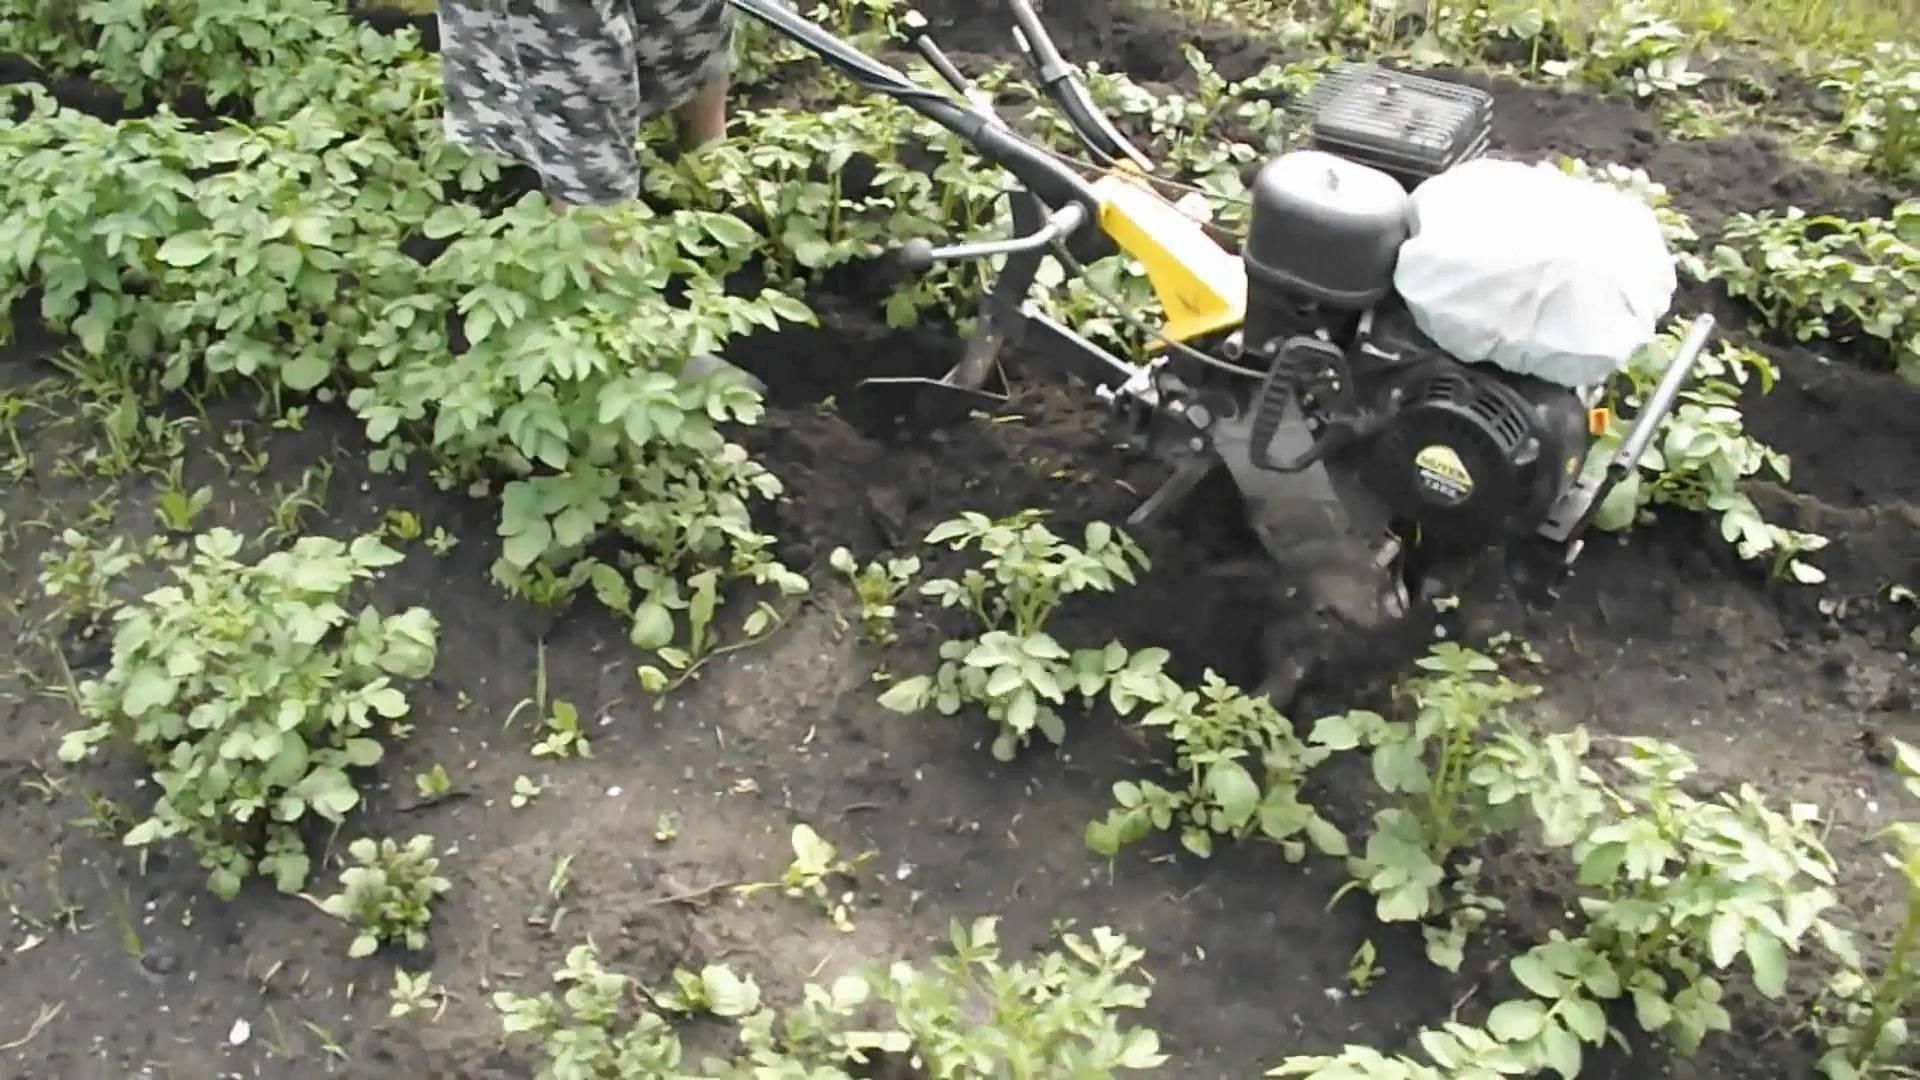 Окучивание картофеля мотоблоком - инструкция на видео